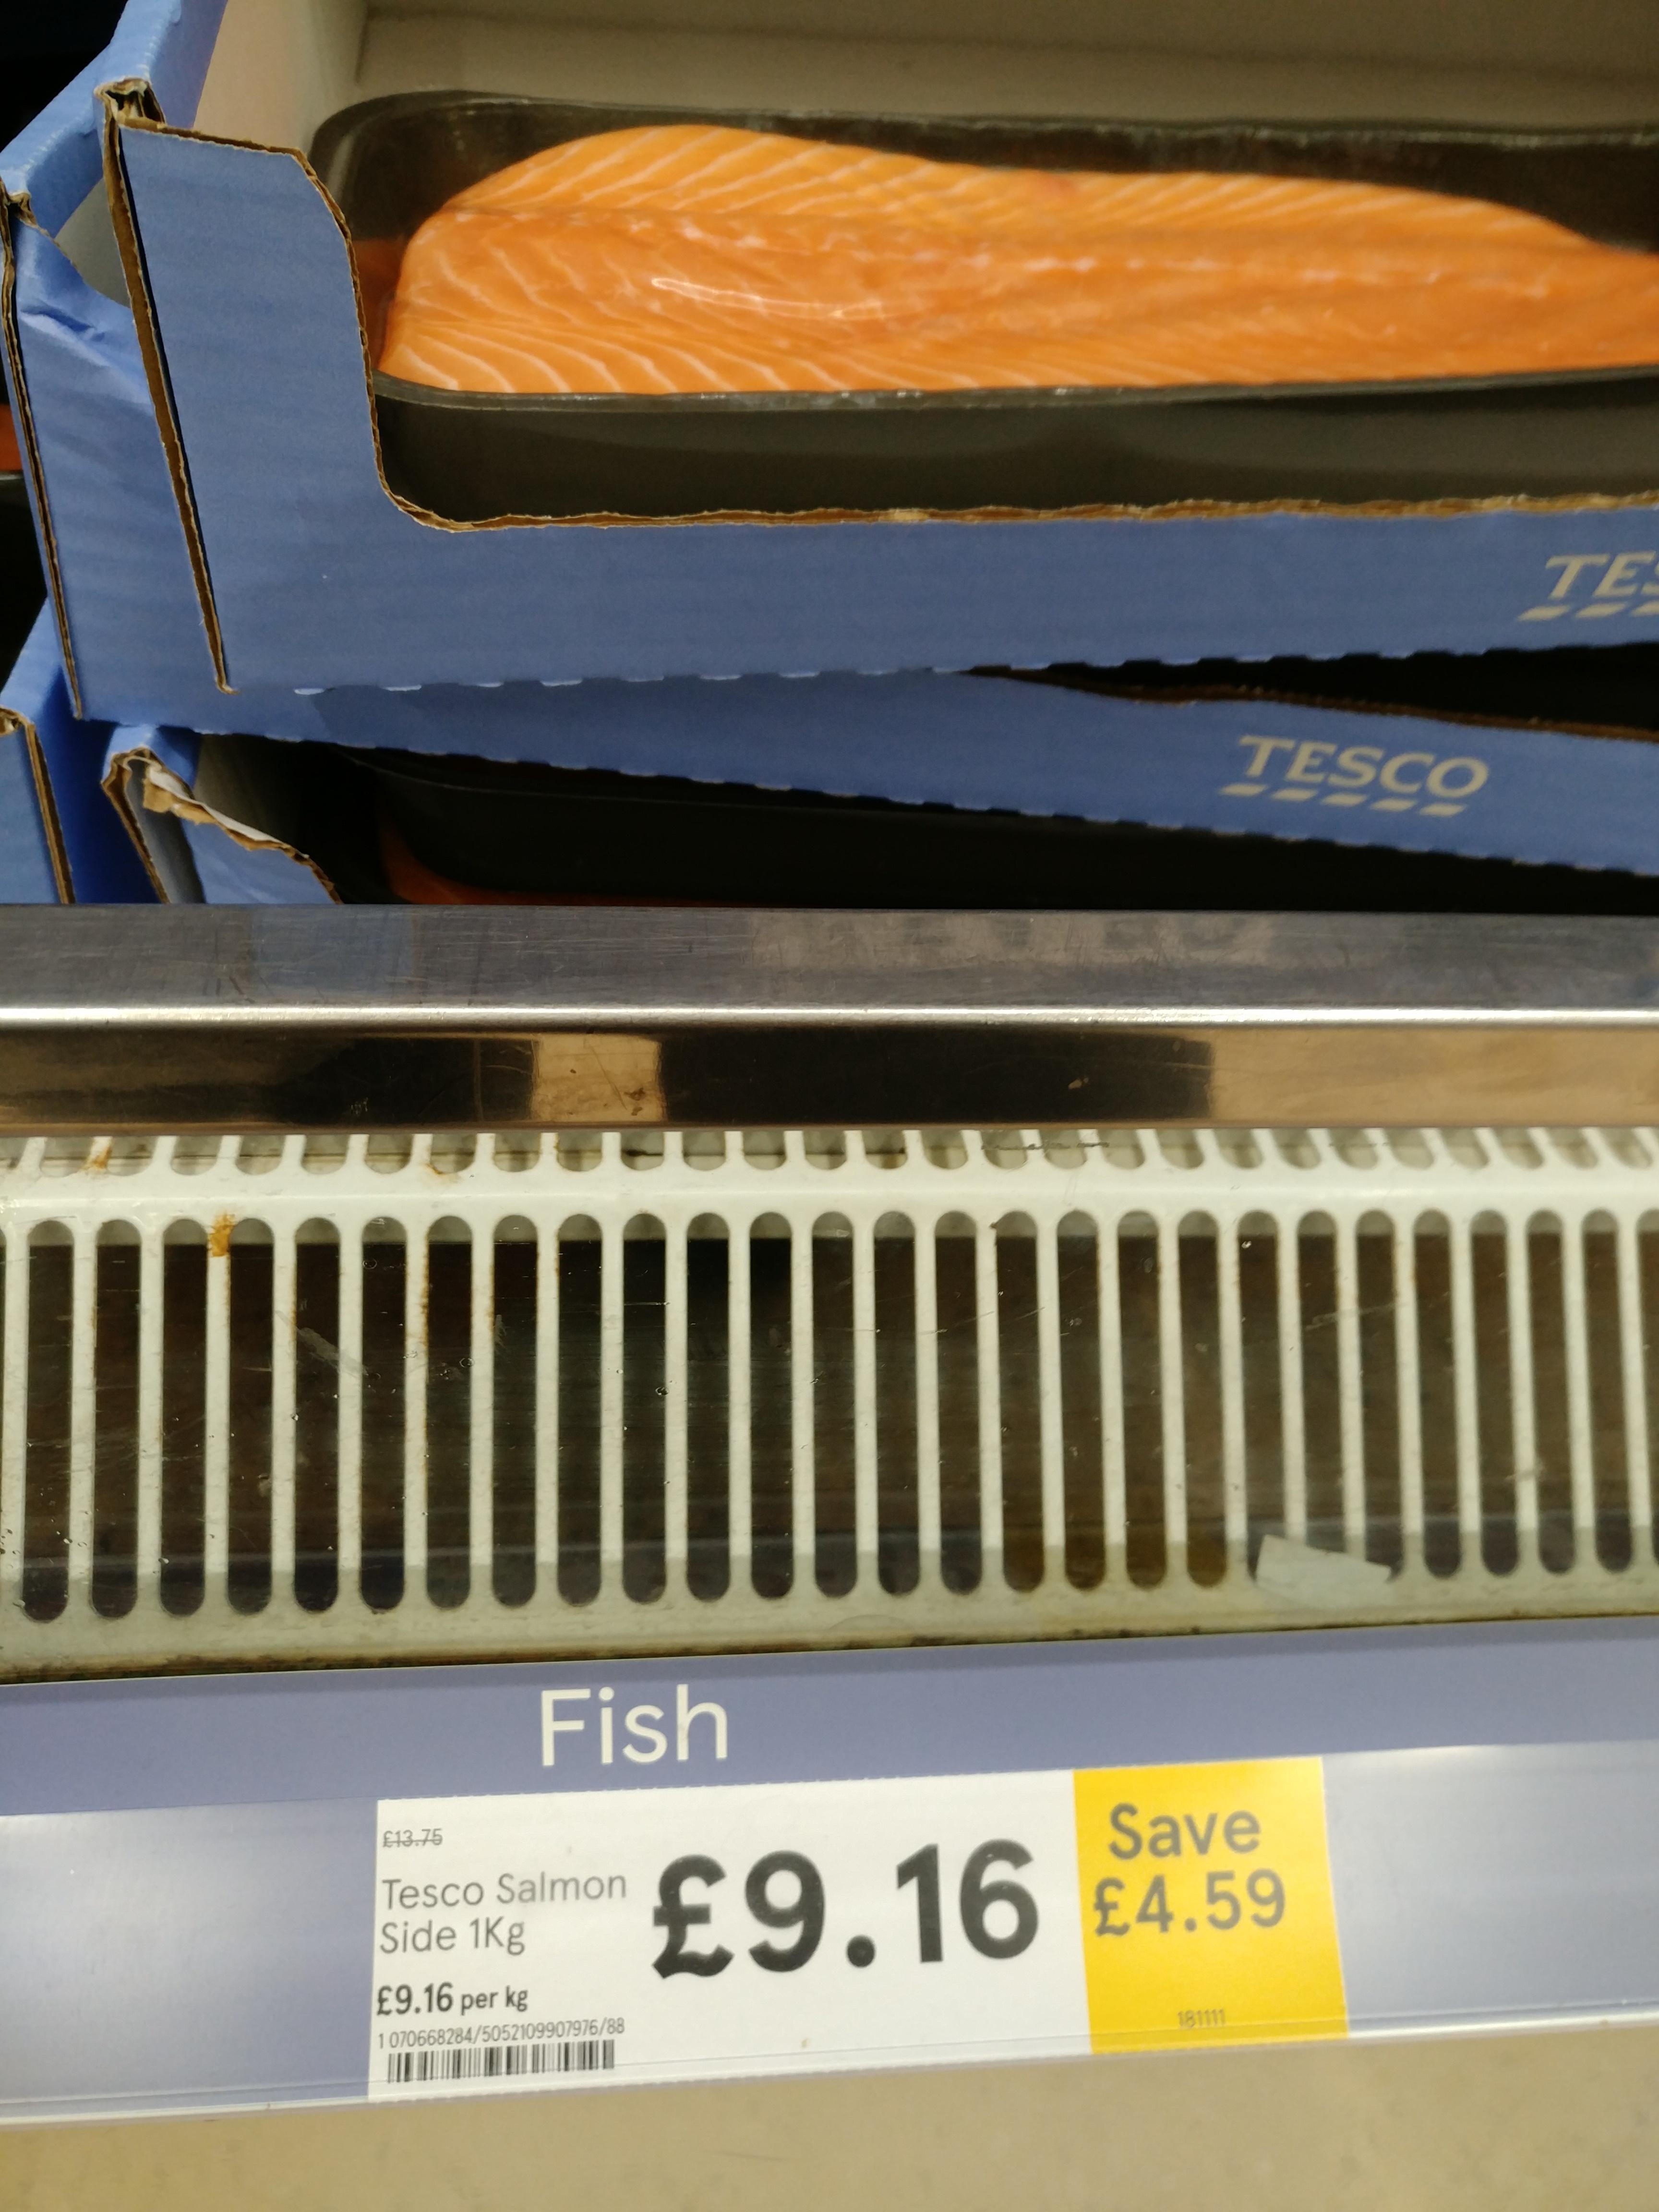 Whole Salmon Side 1kg £9.16 @ Tesco, Online & In Store